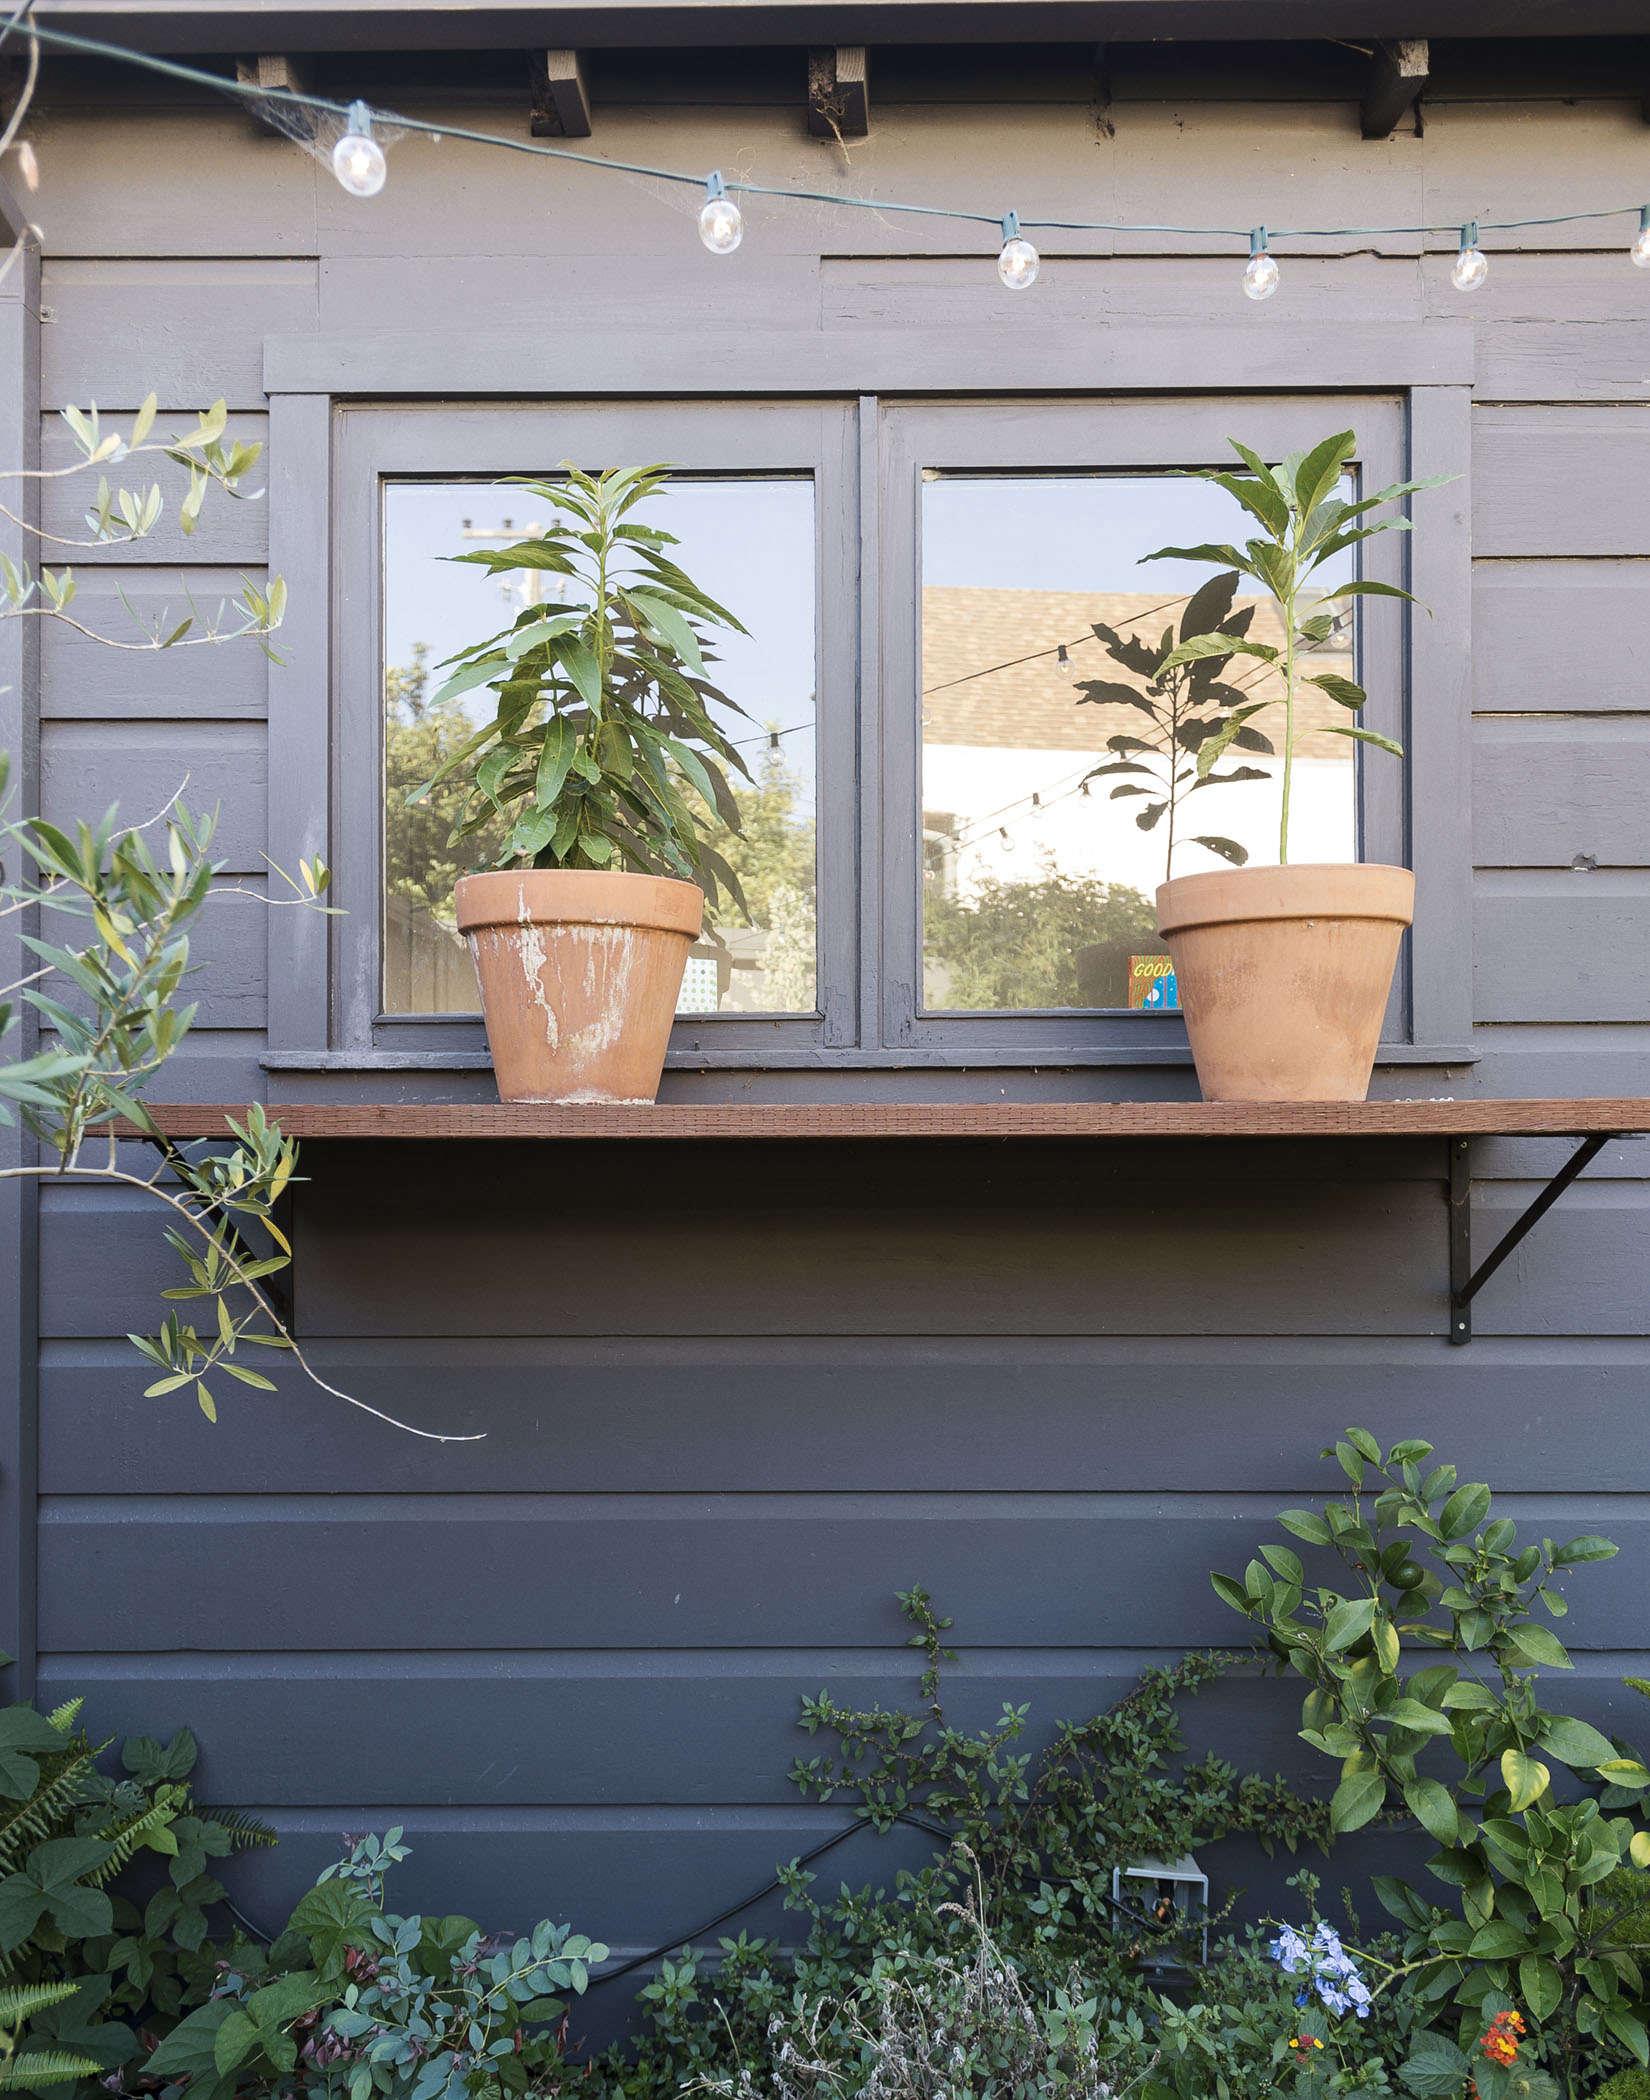 klein-garden-mission-san-francisco-gardenista-terra-cotta-pots